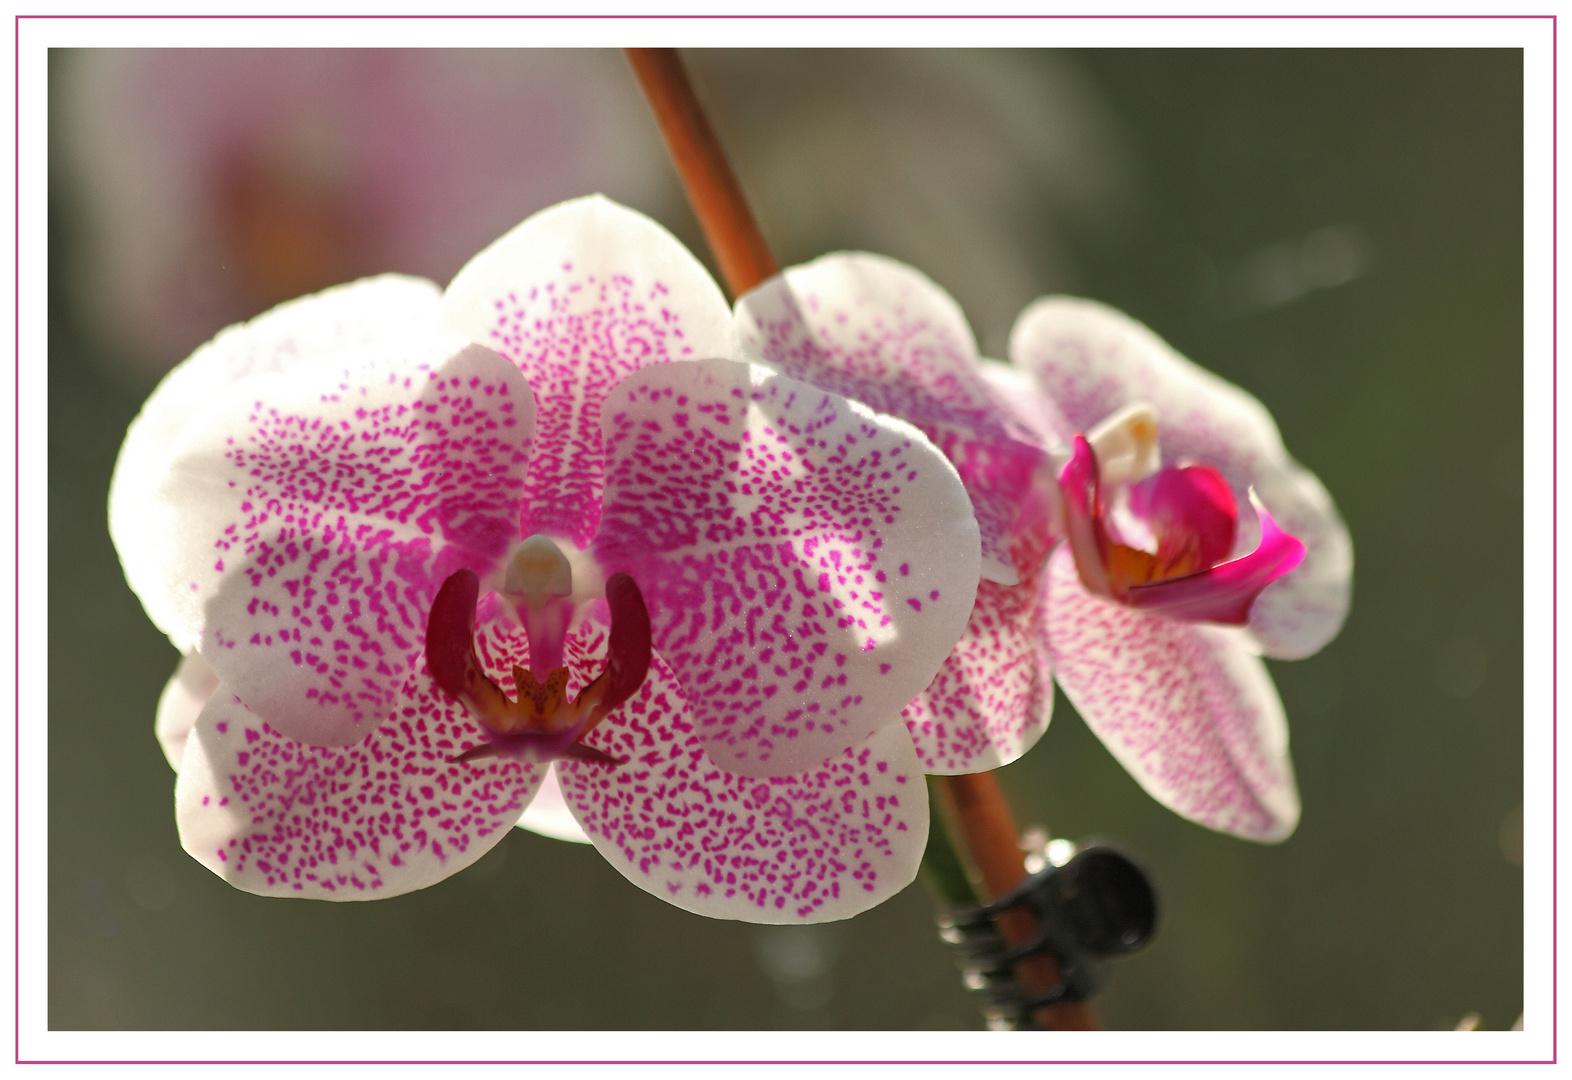 Orchideen - immer wieder schön ...